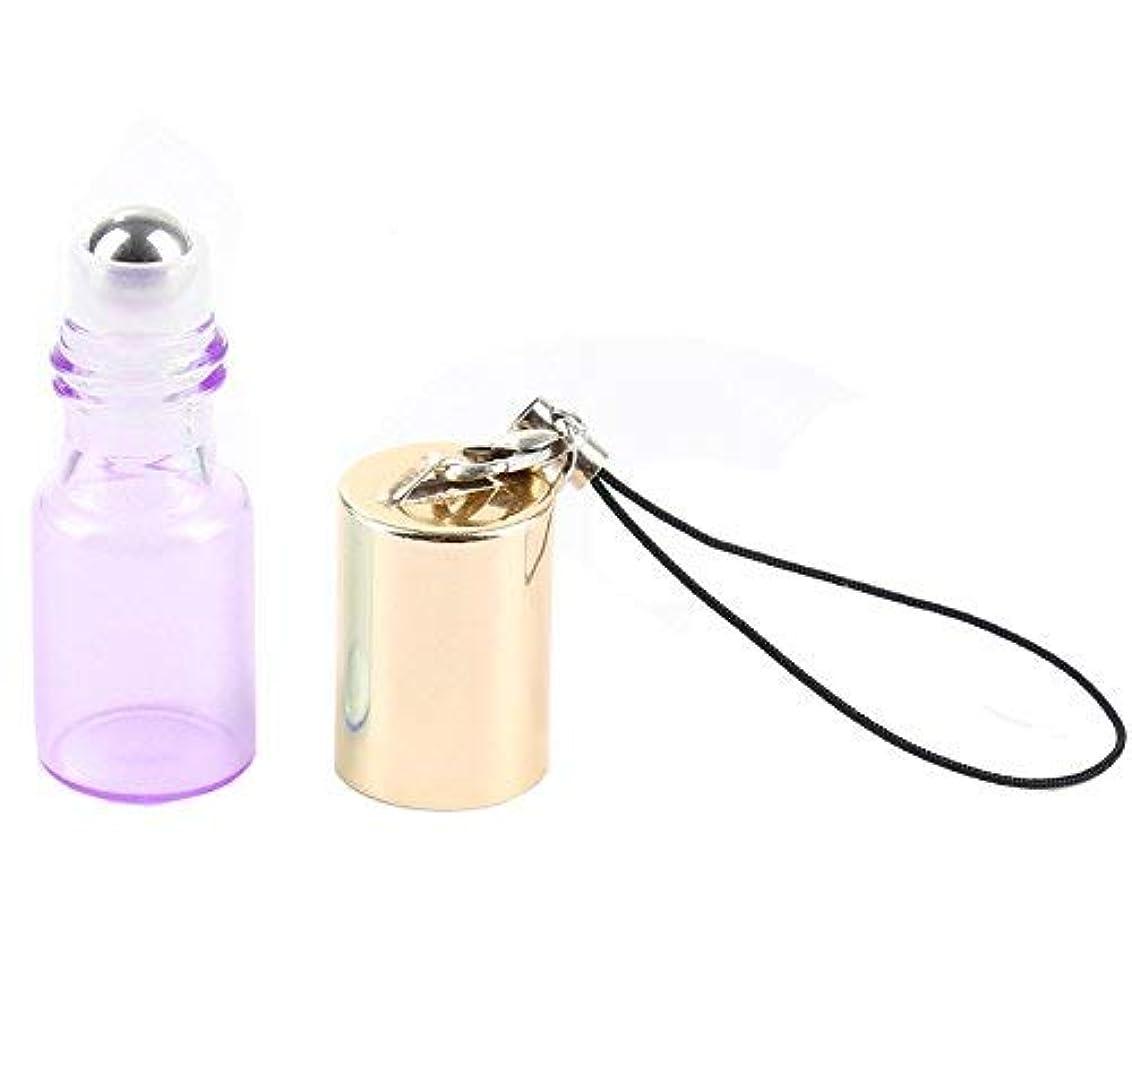 戻るボルト酸度Empty Roller Bottles - Pack of 12 3ml Pearl Colored Glass Roll-on Bottles for Essential Oil Container with Golden...